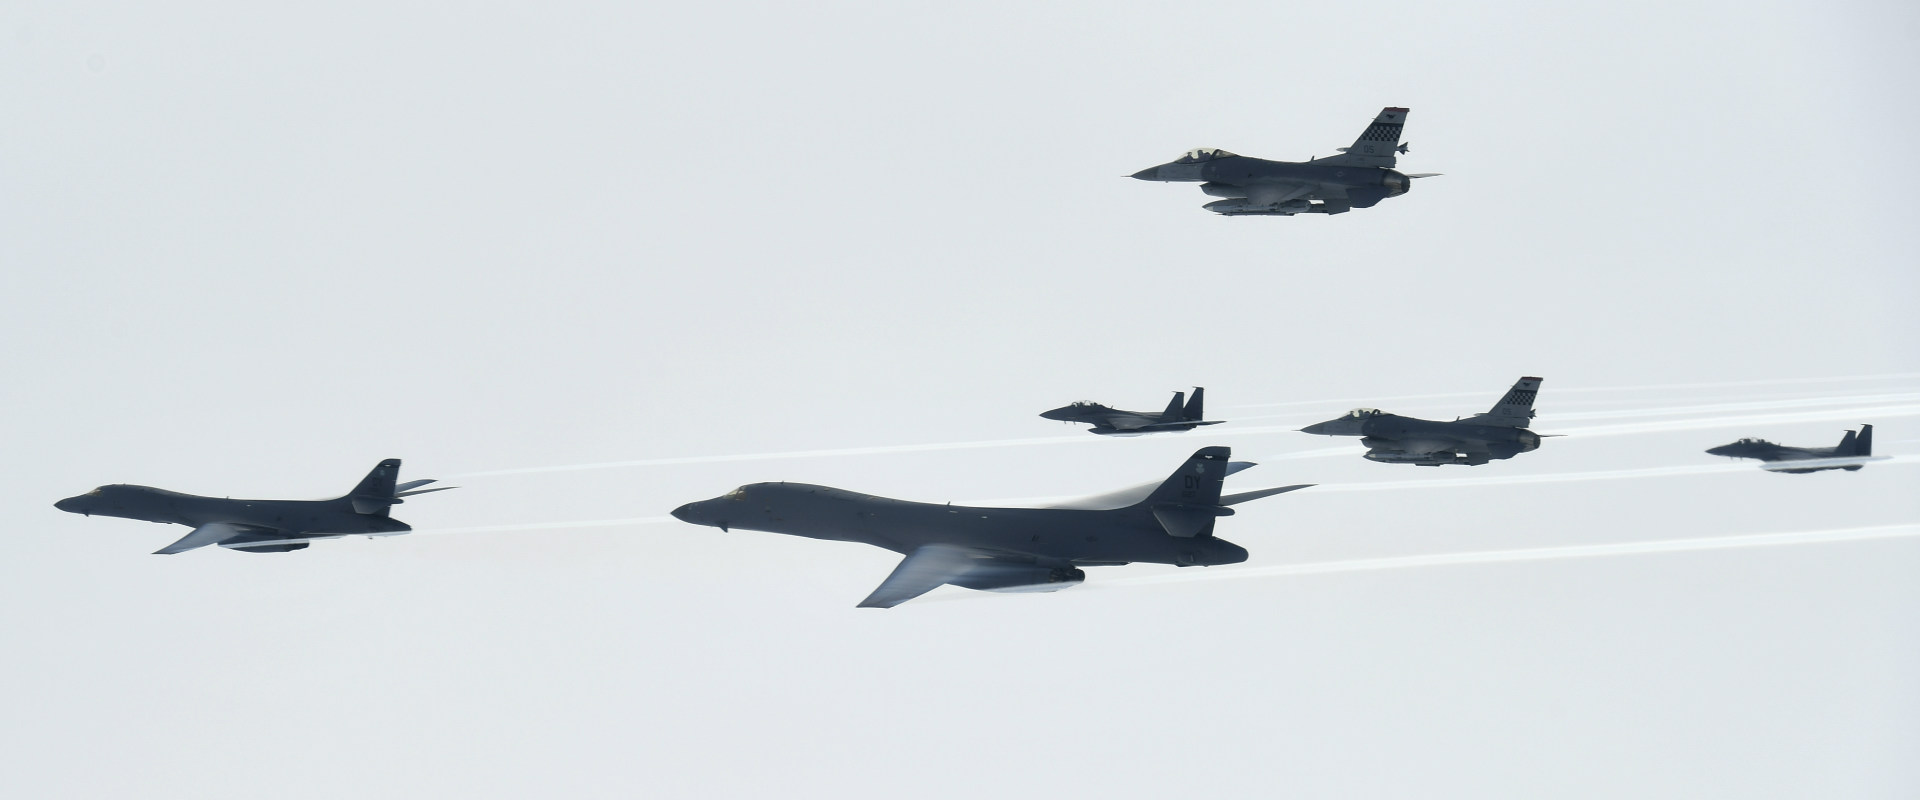 מטוסי קרב אמריקניים